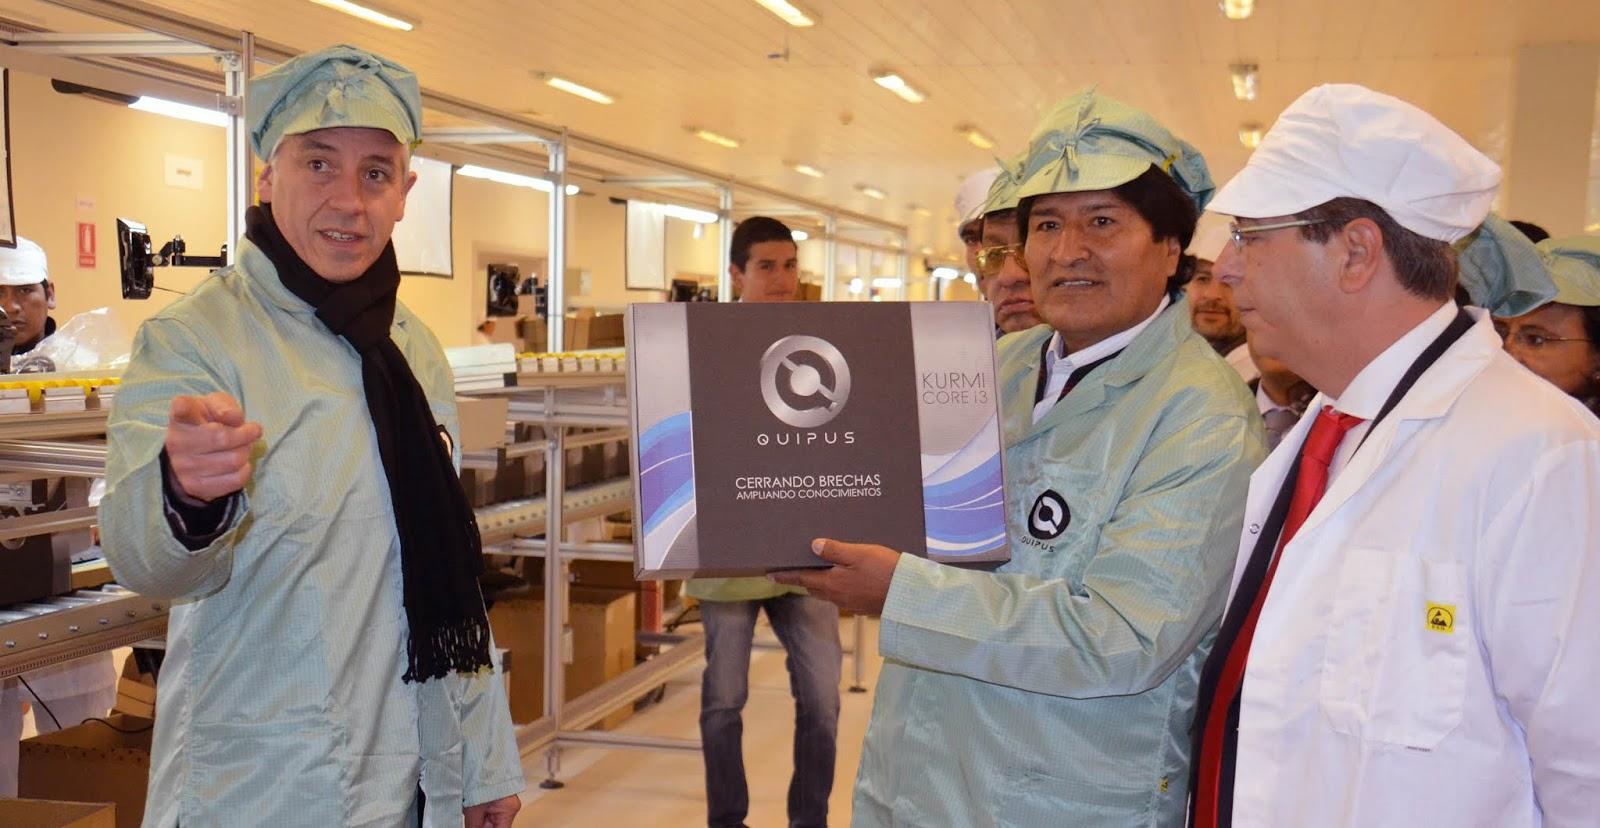 Investigación revela millonarias pérdidas en 11 empresas estatales de Bolivia entre 2007 y 2016